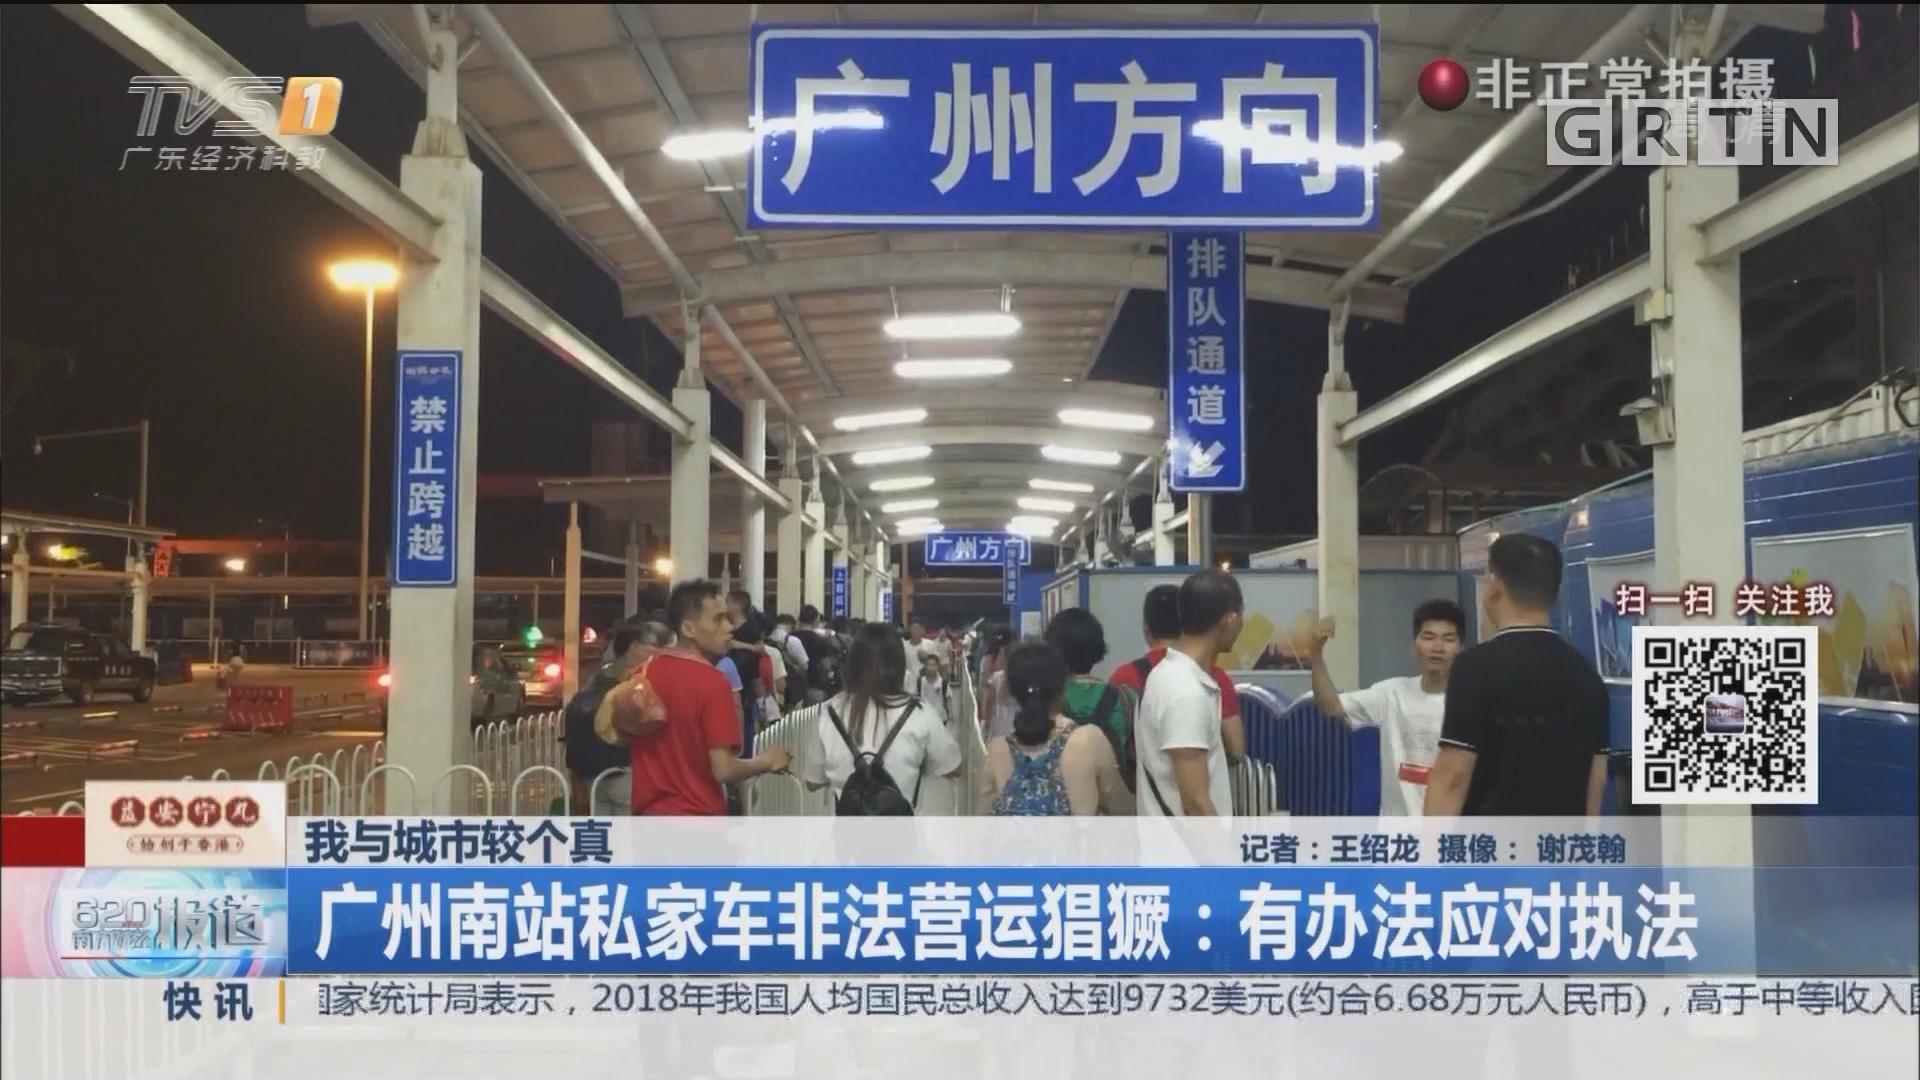 我与城市较个真 广州南站私家车非法营运猖獗:有办法应对执法